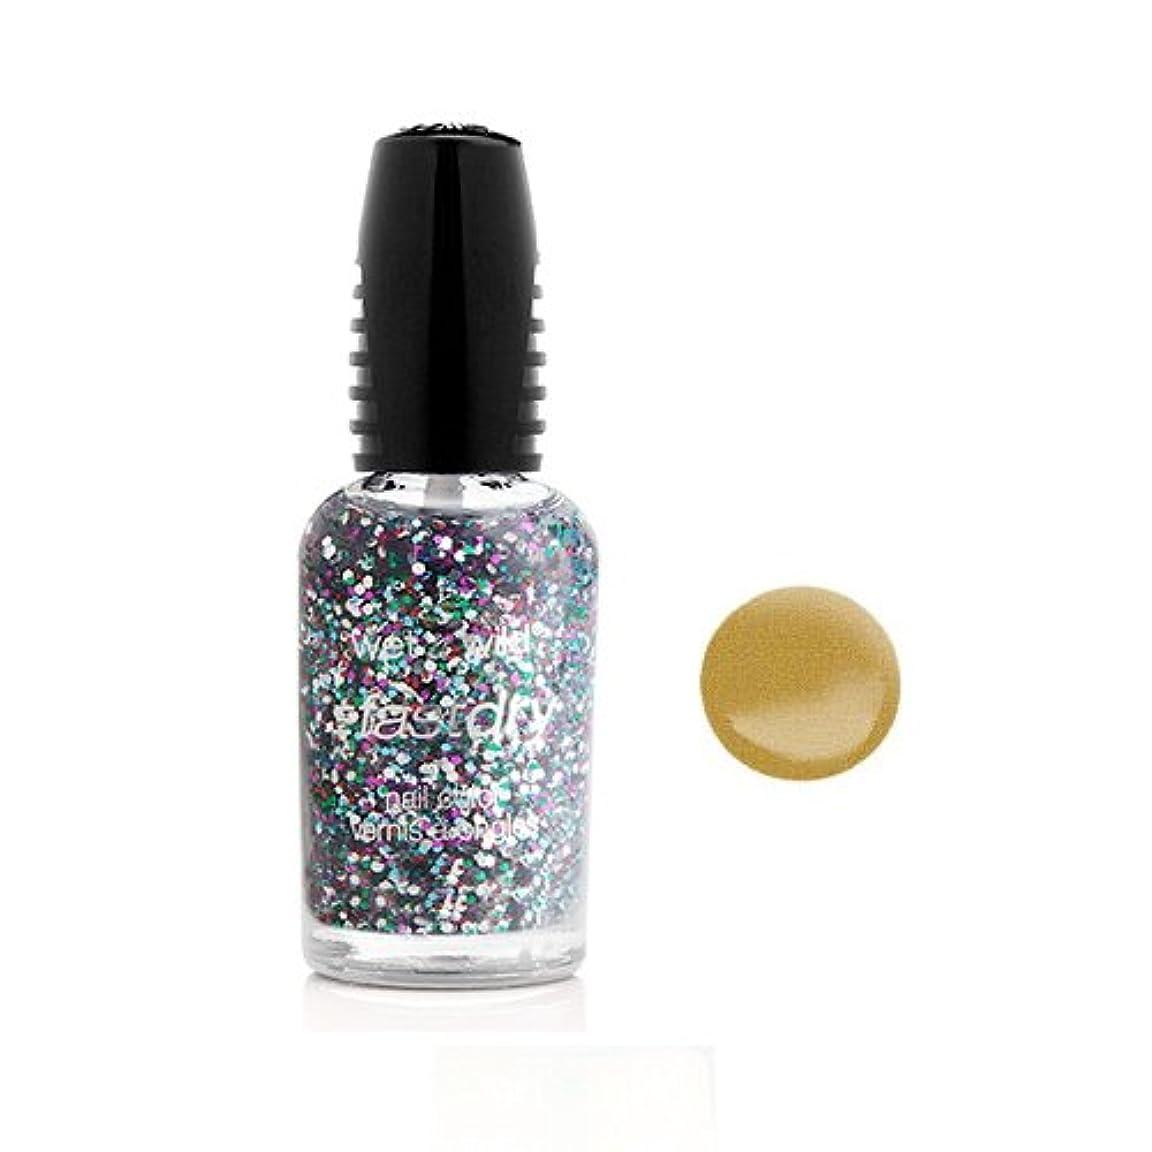 画像記憶に残る余暇WET N WILD Fastdry Nail Color - The Gold & the Beautiful (並行輸入品)